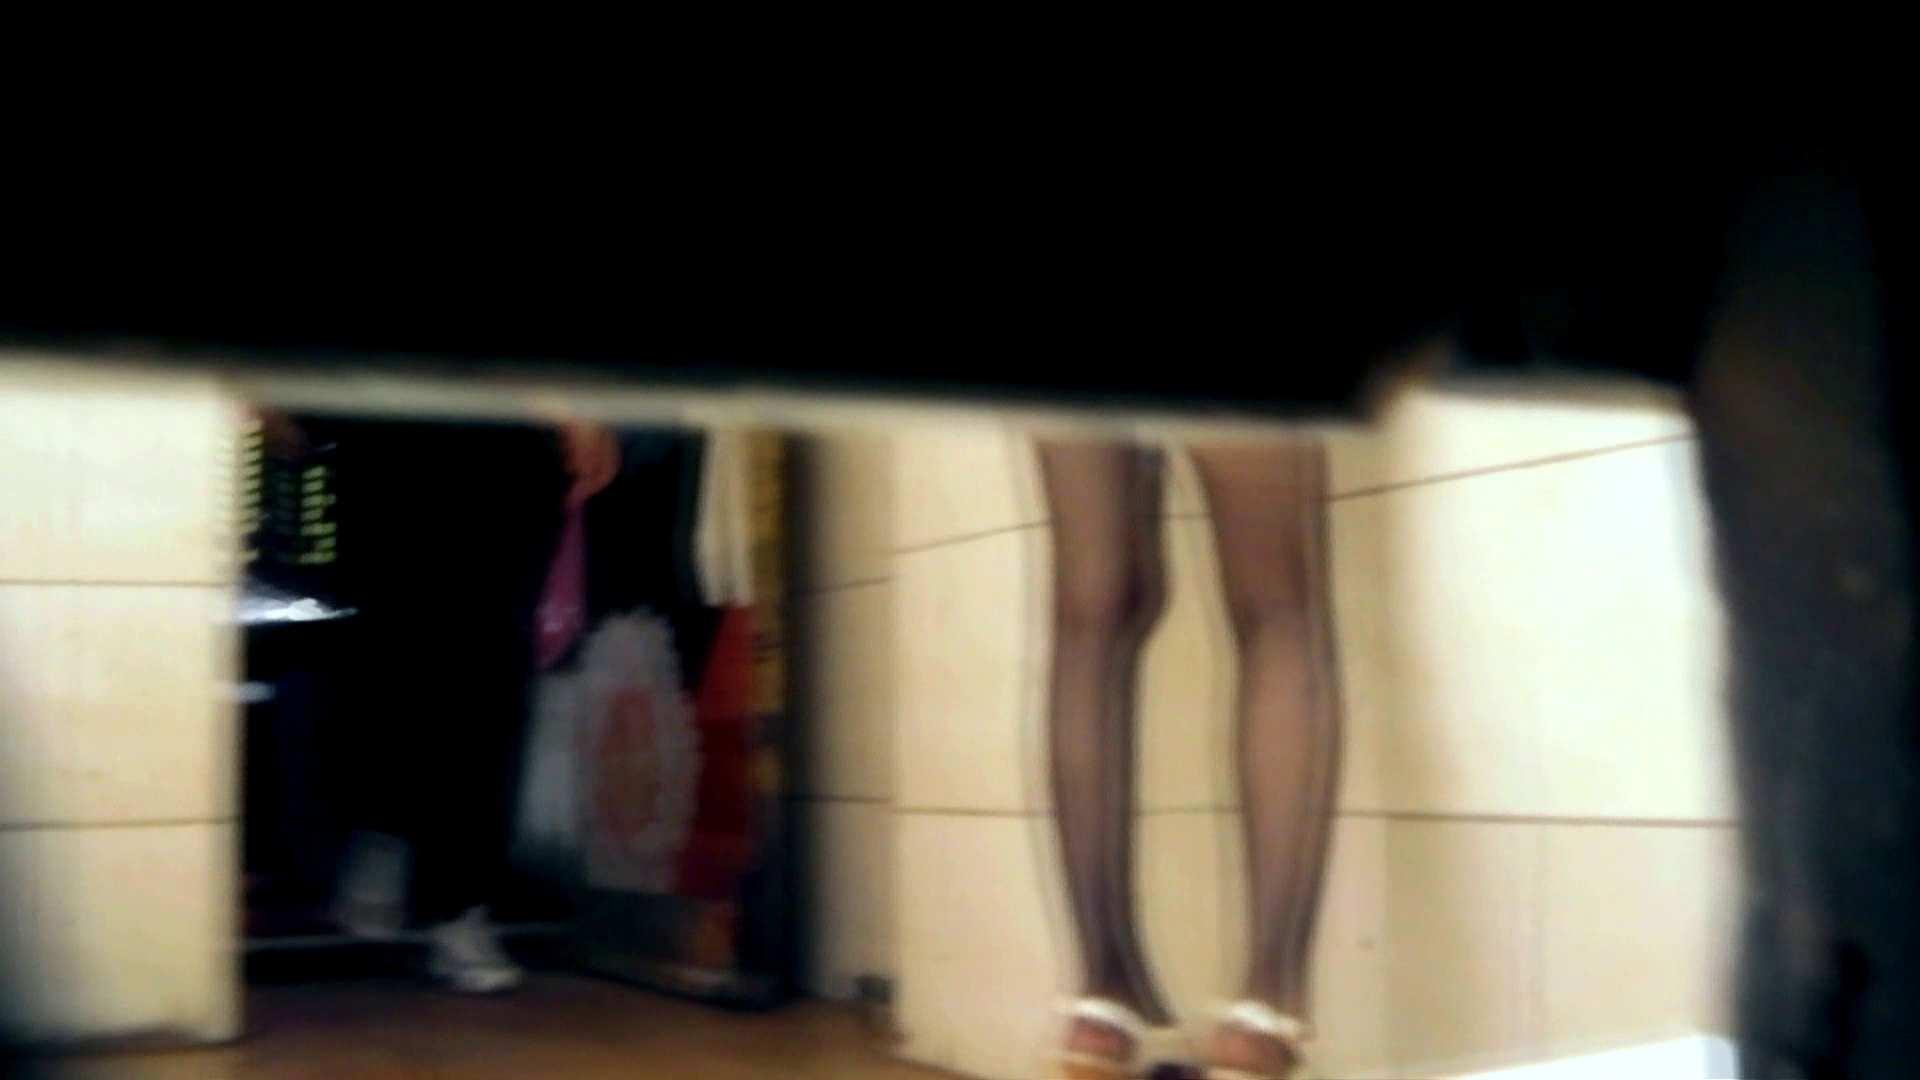 ステーション編 vol.36 無料動画に登場したトップクラスモデル本番へ OLの実態 | 0  44pic 9